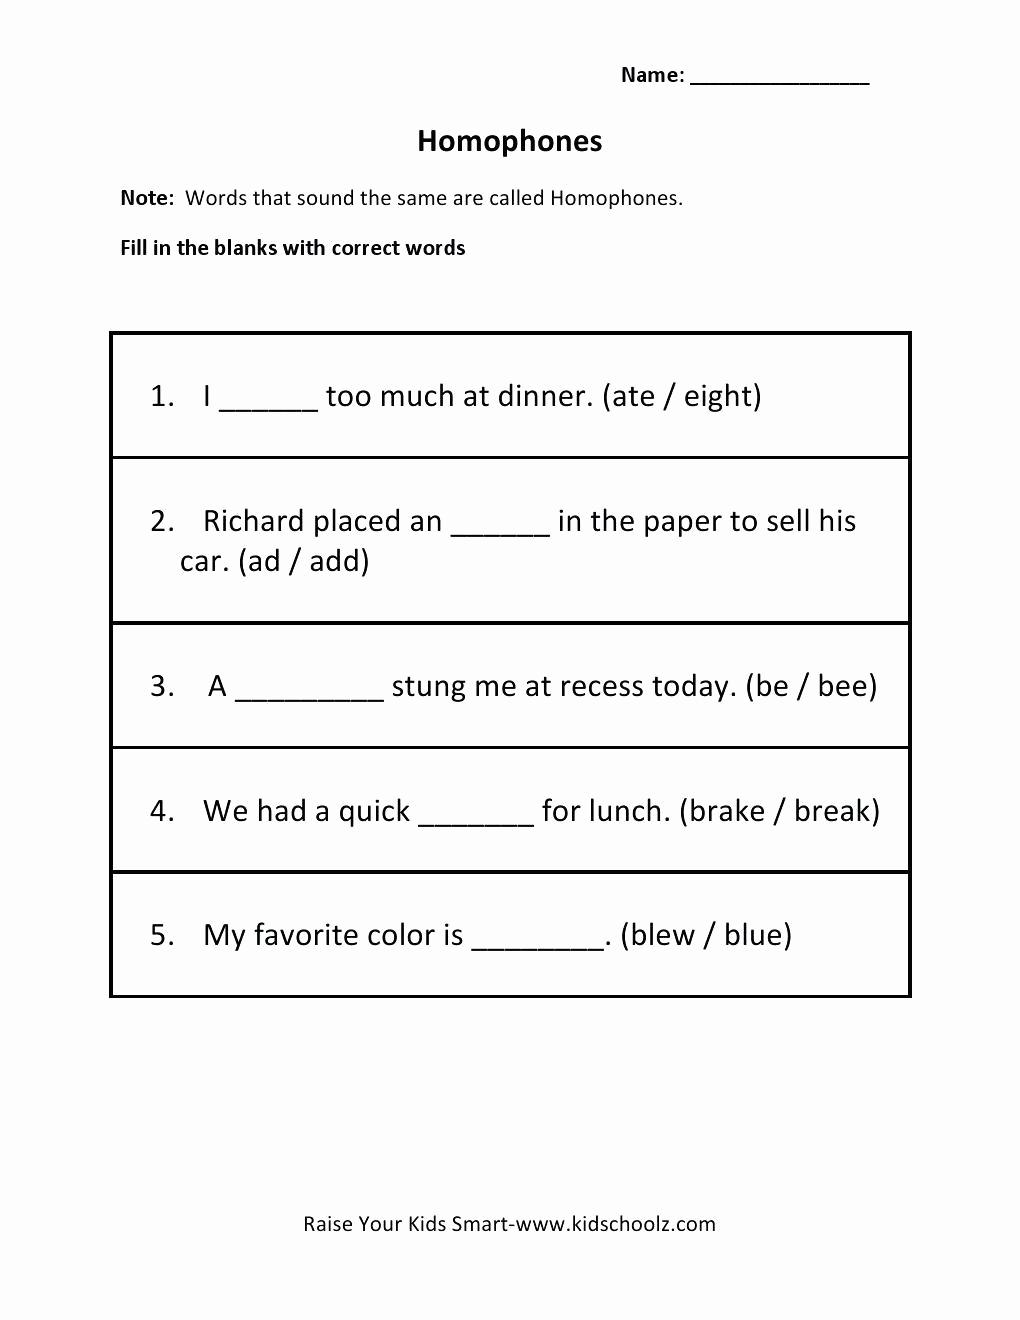 Homophone Worksheets Middle School Luxury 20 Homonym Worksheets Middle School